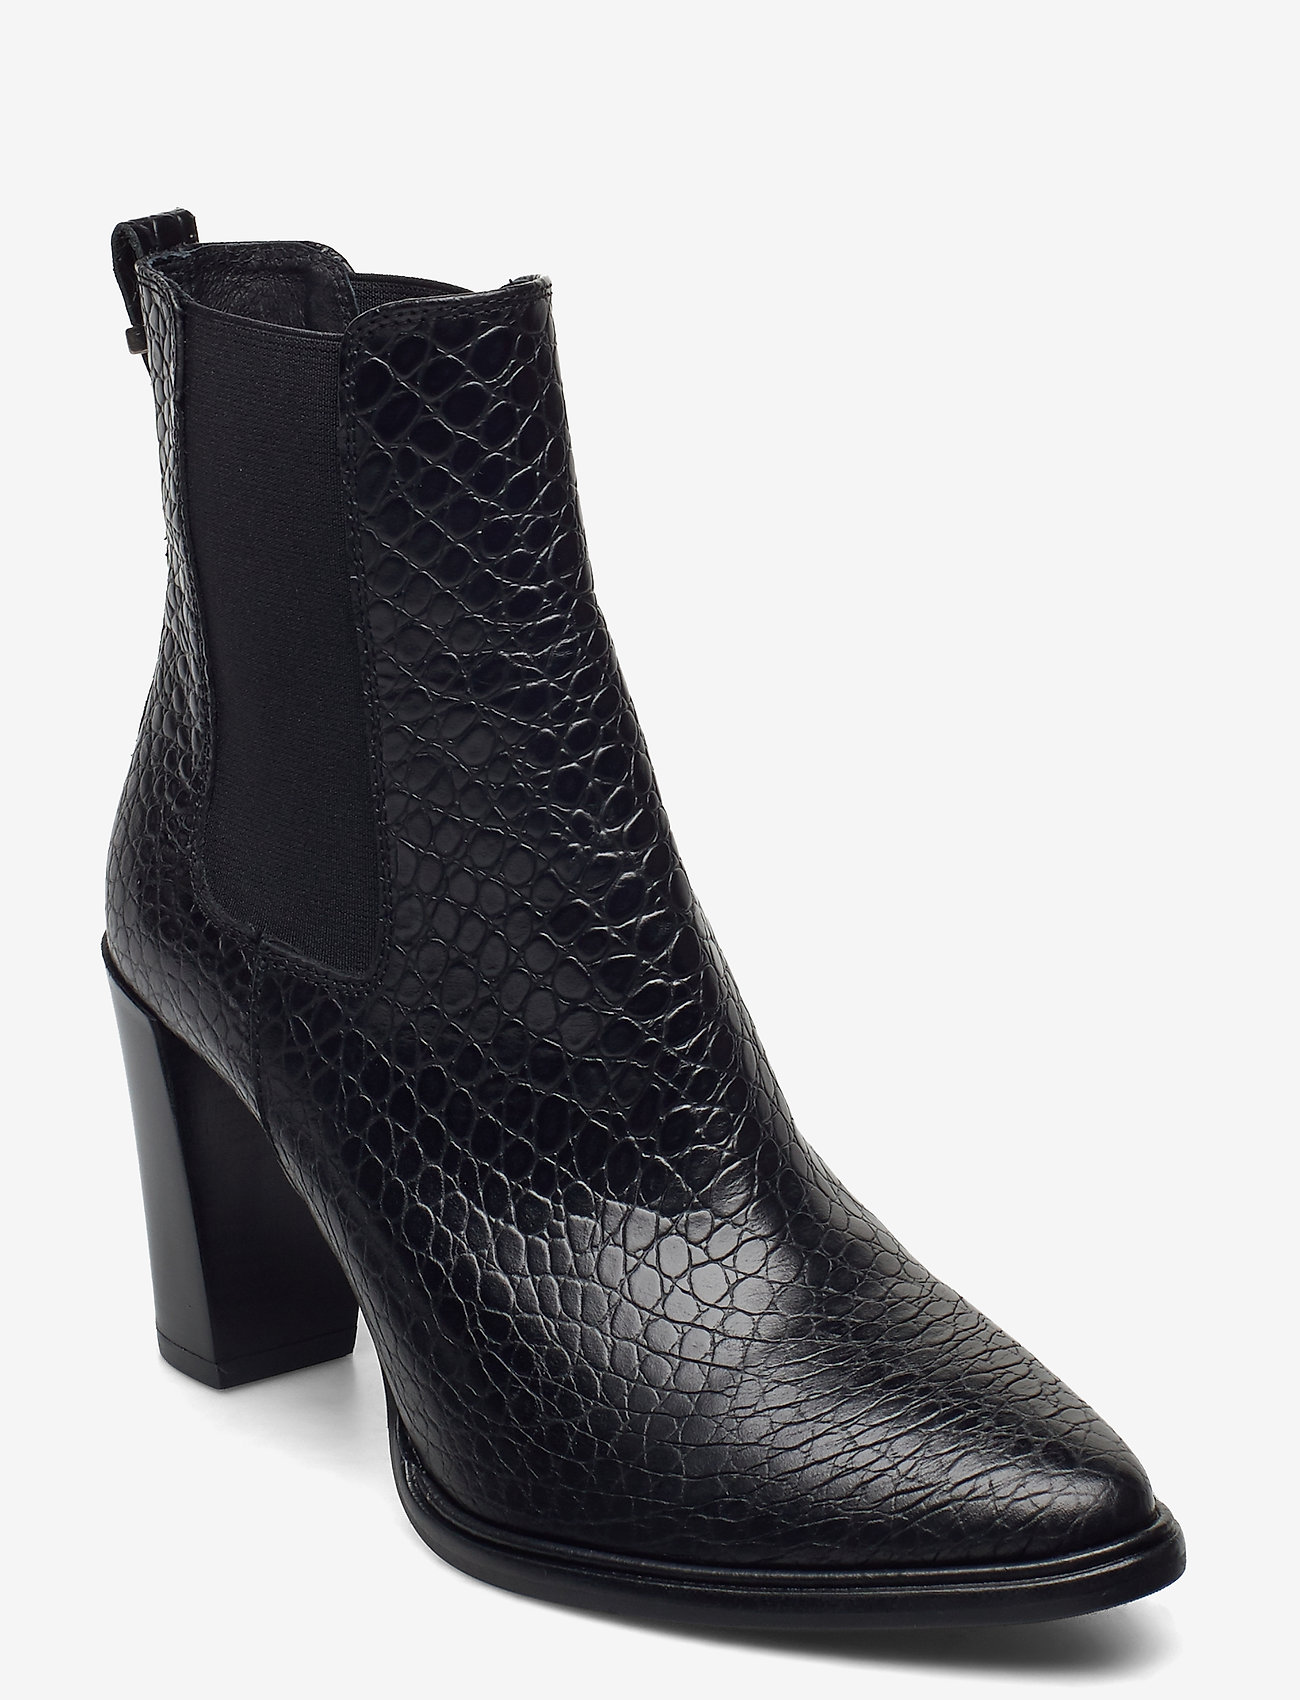 Billi Bi - Boots 7792 - enkellaarsjes met hak - black yango 10 - 0